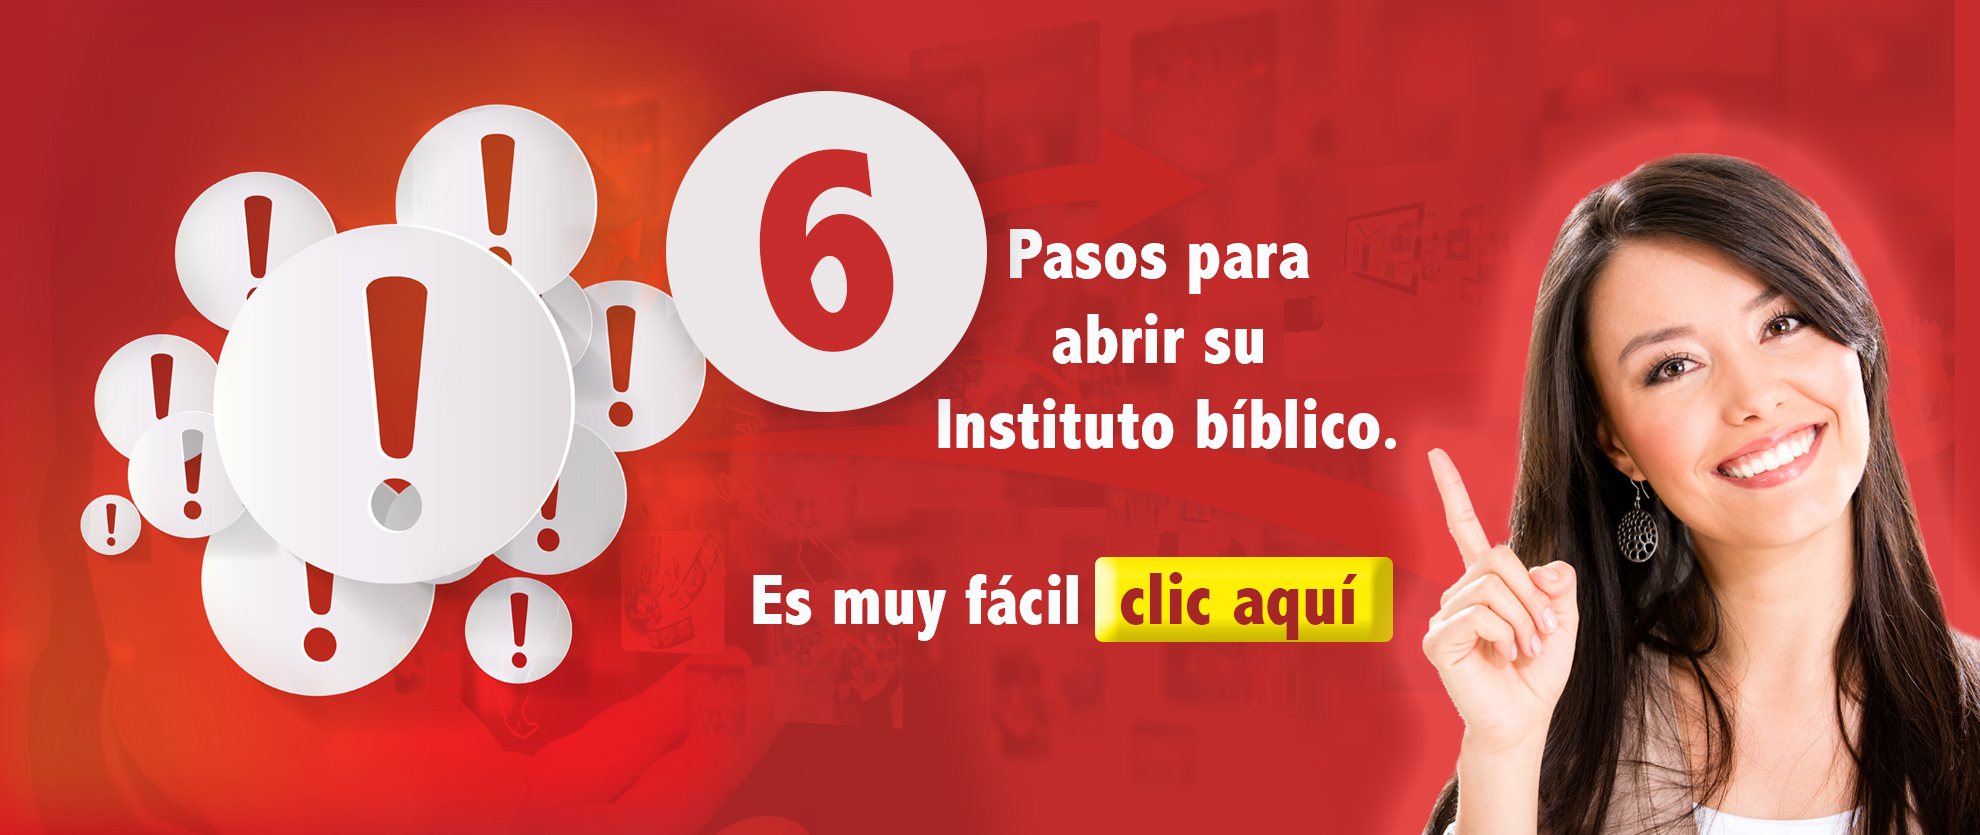 7.Institutoprincipal2017